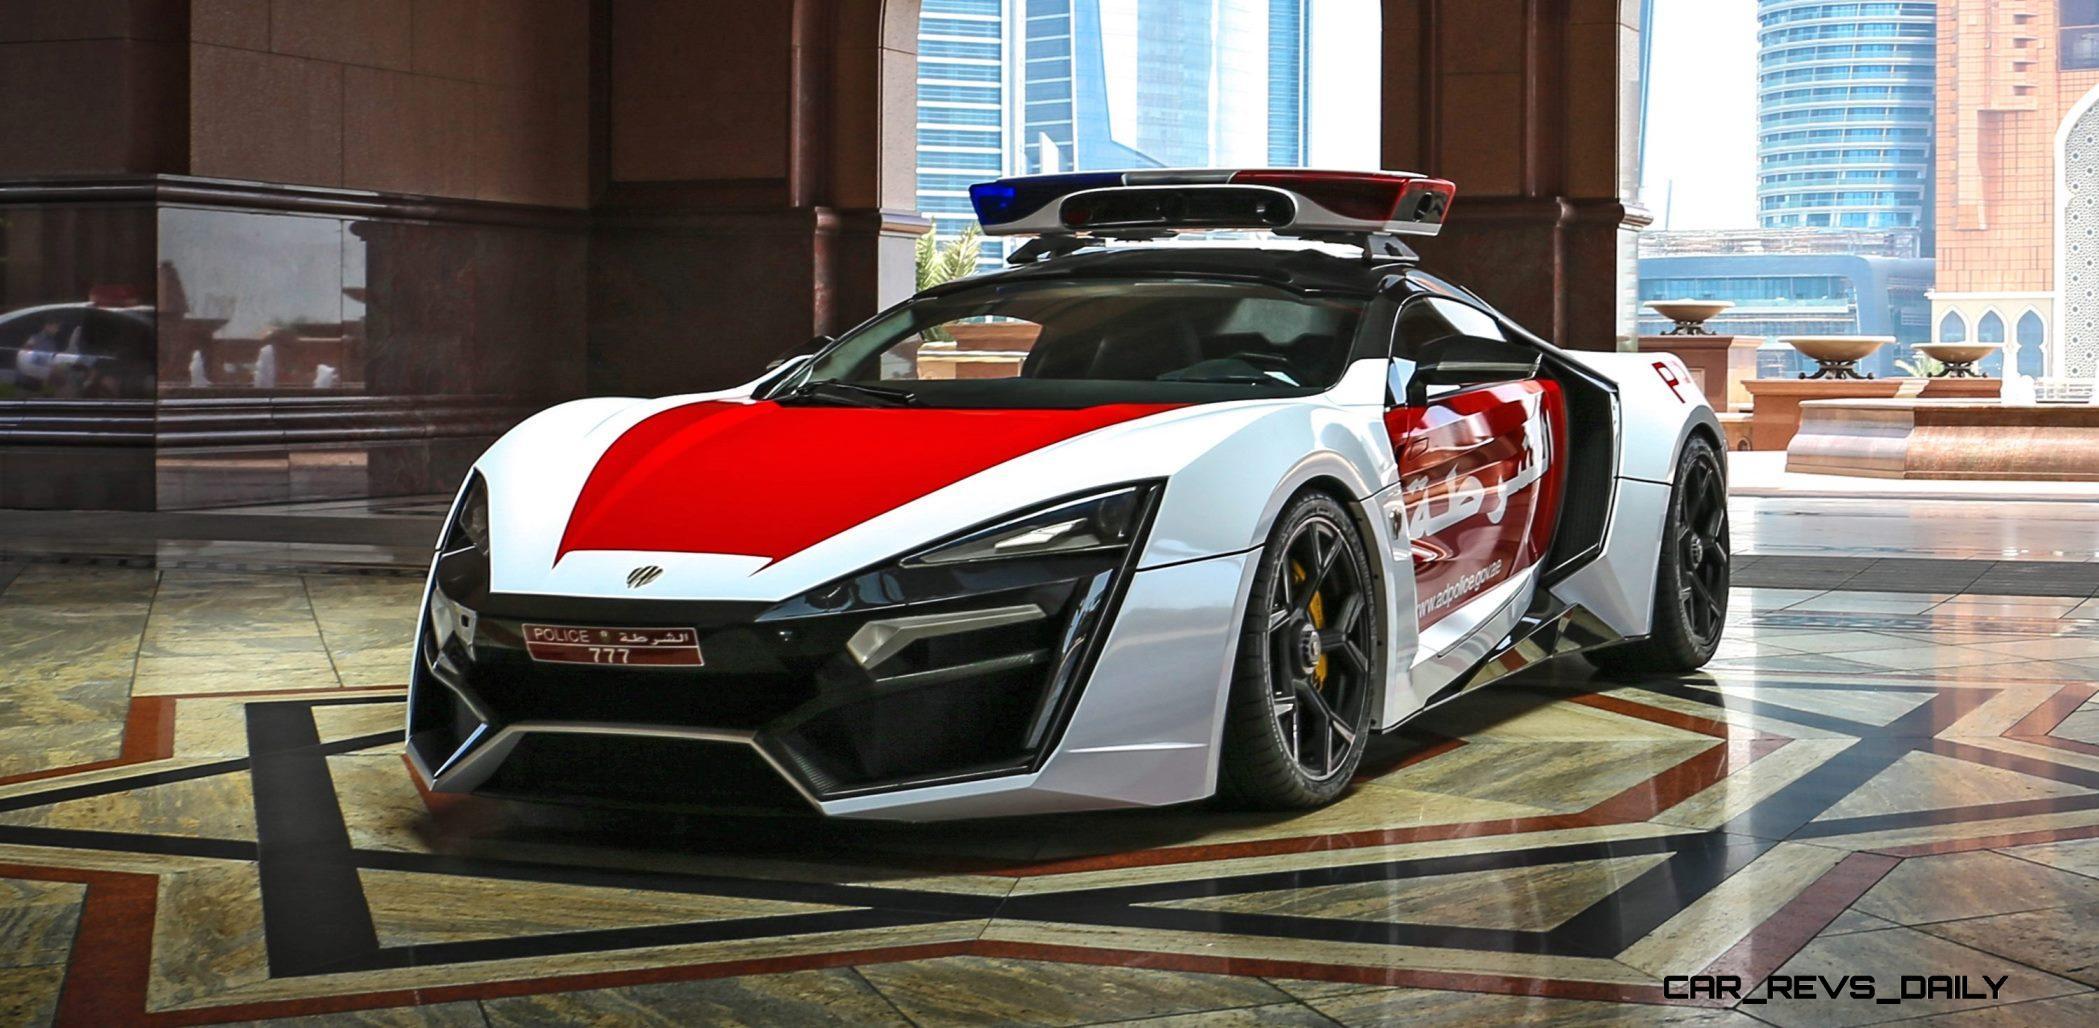 2015 W Motors Lykan Hypersport Abu Dhabi Patrol Car